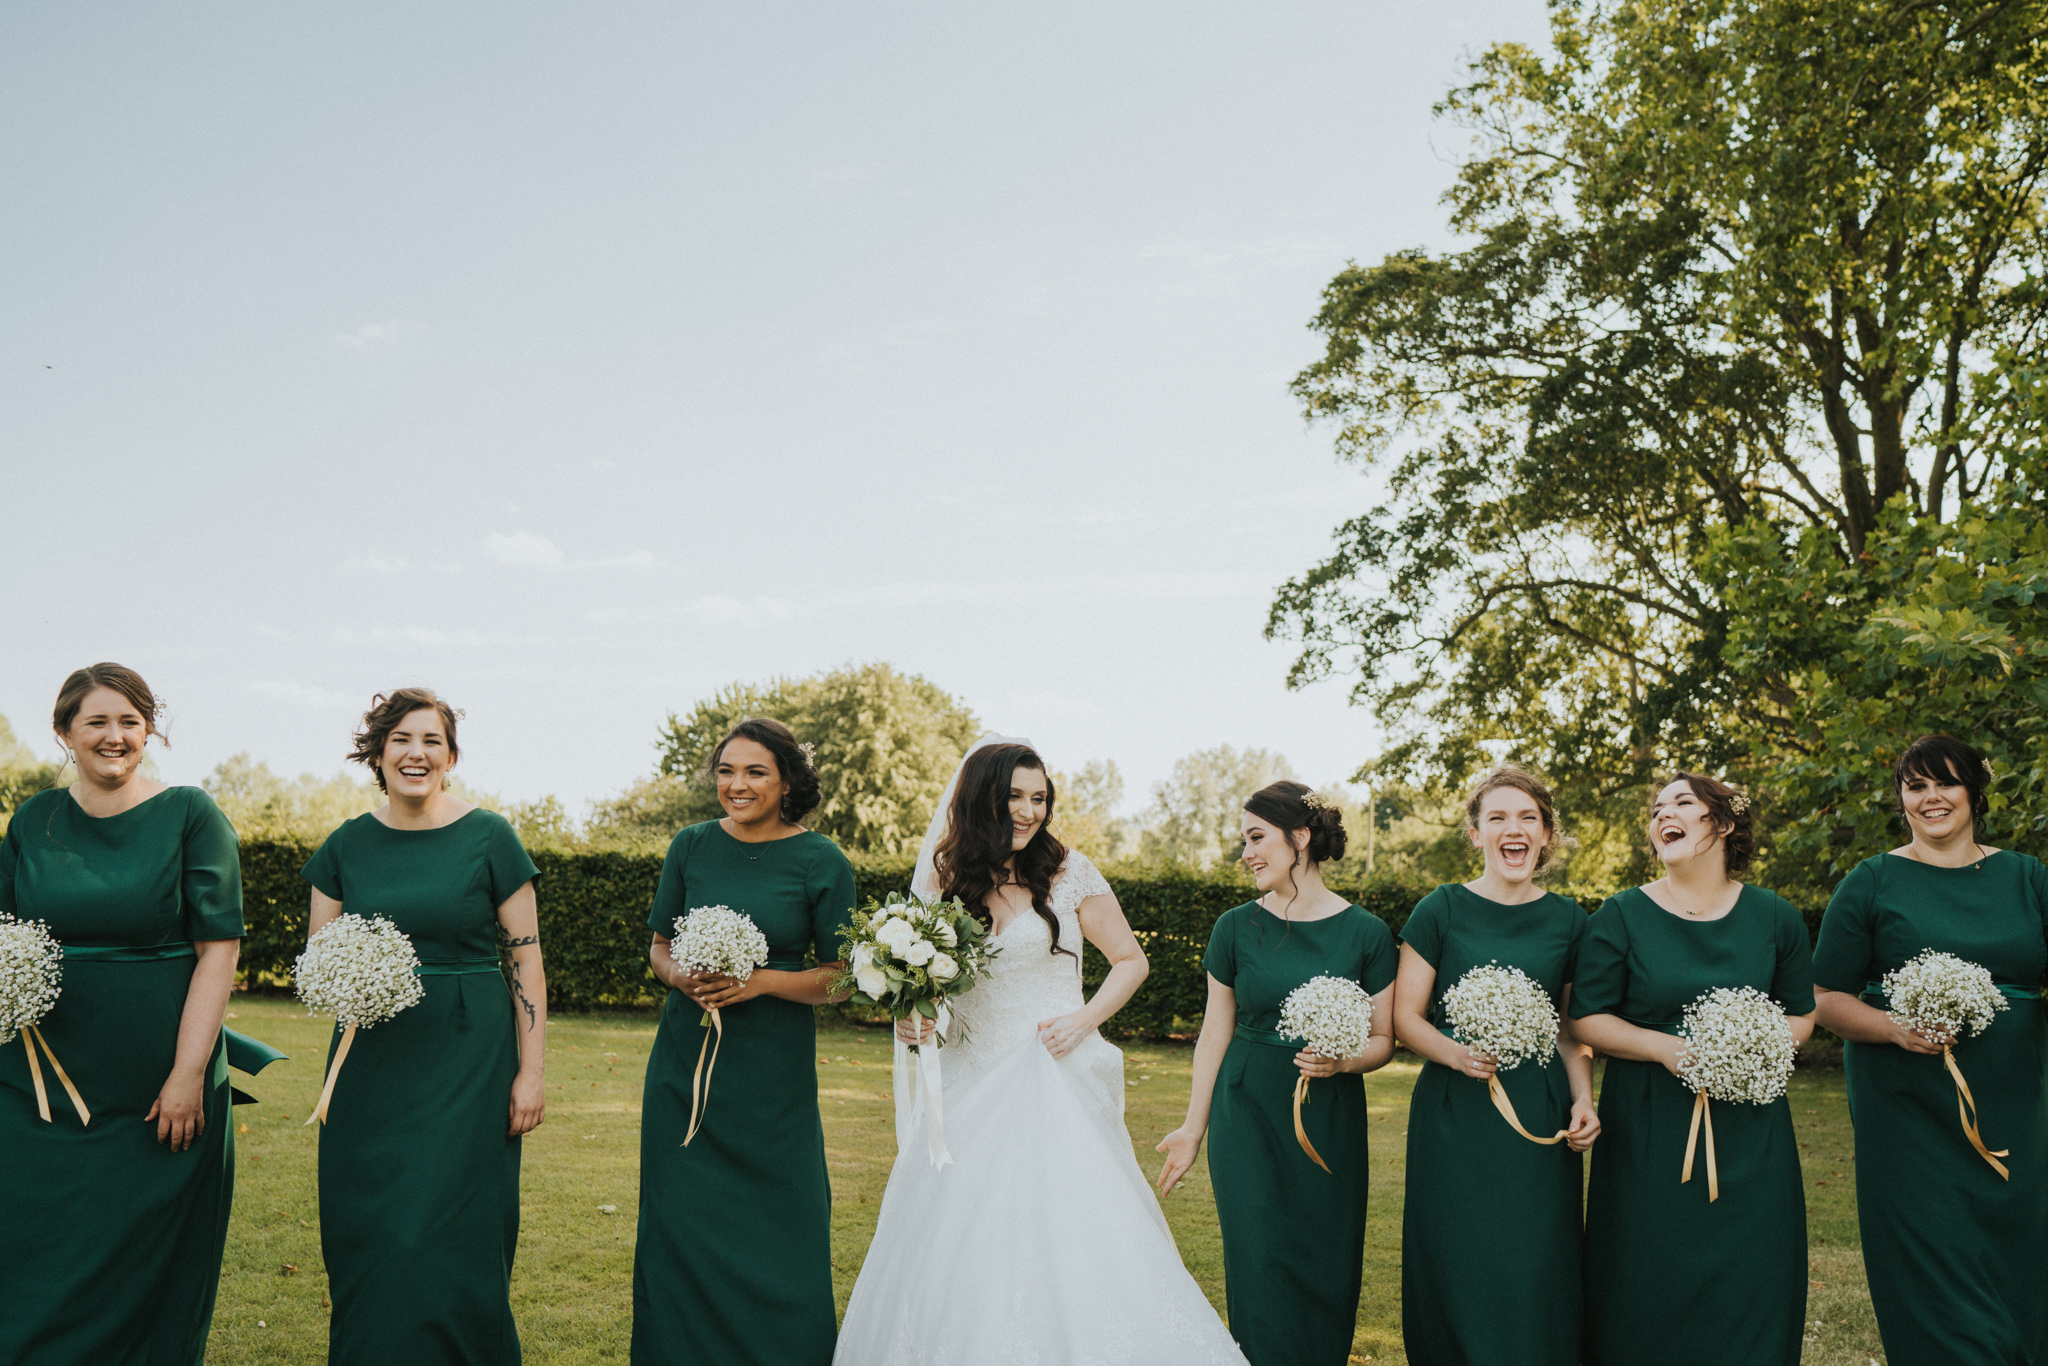 lizzie-faz-fennes-asian-fusion-wedding-grace-elizabeth-colchester-essex-alternative-wedding-lifestyle-photographer-essex-suffolk-norfolk-devon (34 of 55).jpg